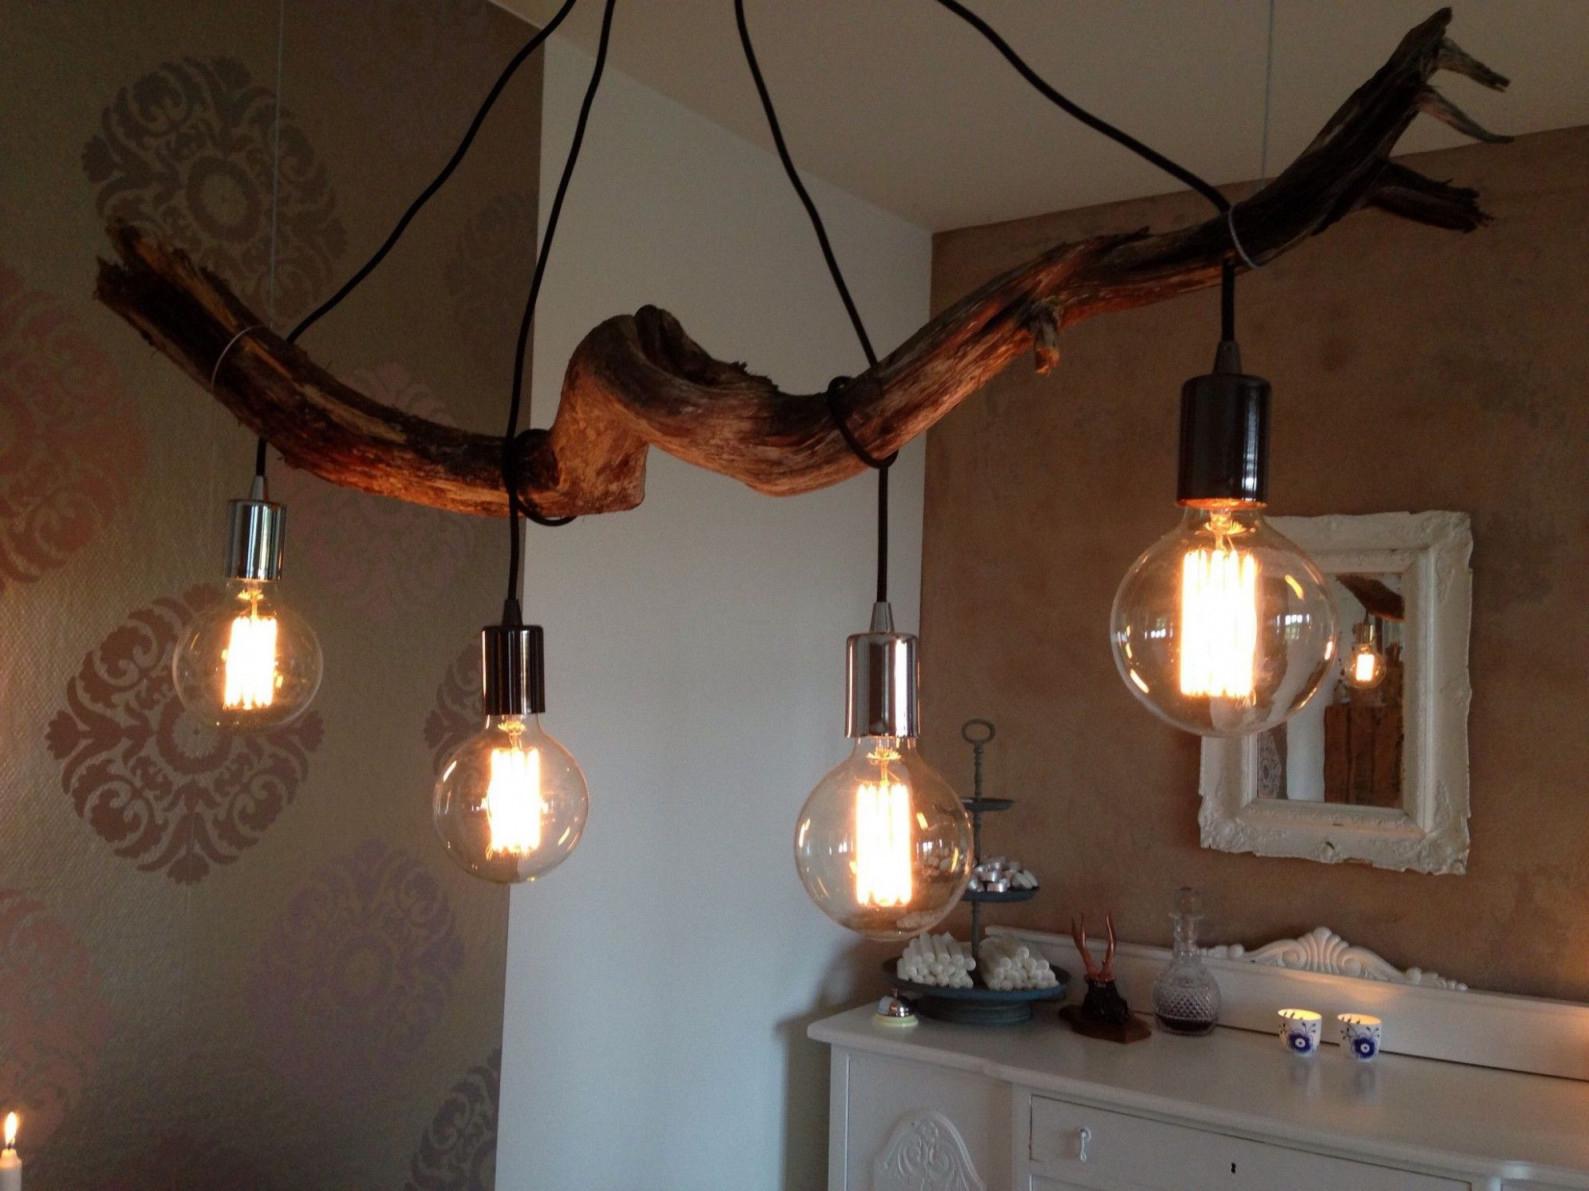 11 Diy Wohnzimmer Lampe In 2020  Deckenlampe Holz Lampe von Diy Wohnzimmer Lampe Photo